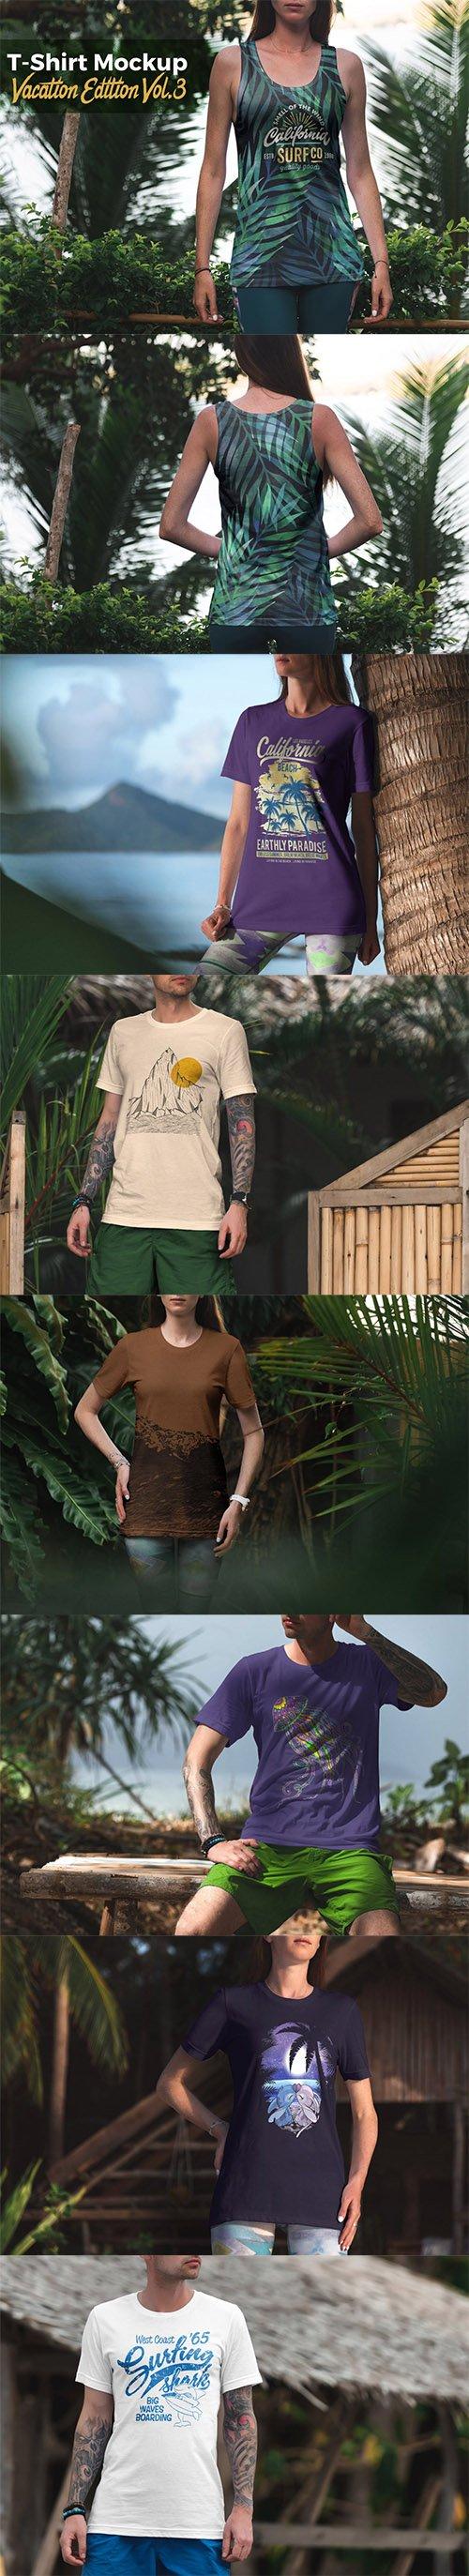 T-Shirt Mockup Vacation Edition Vol. 3